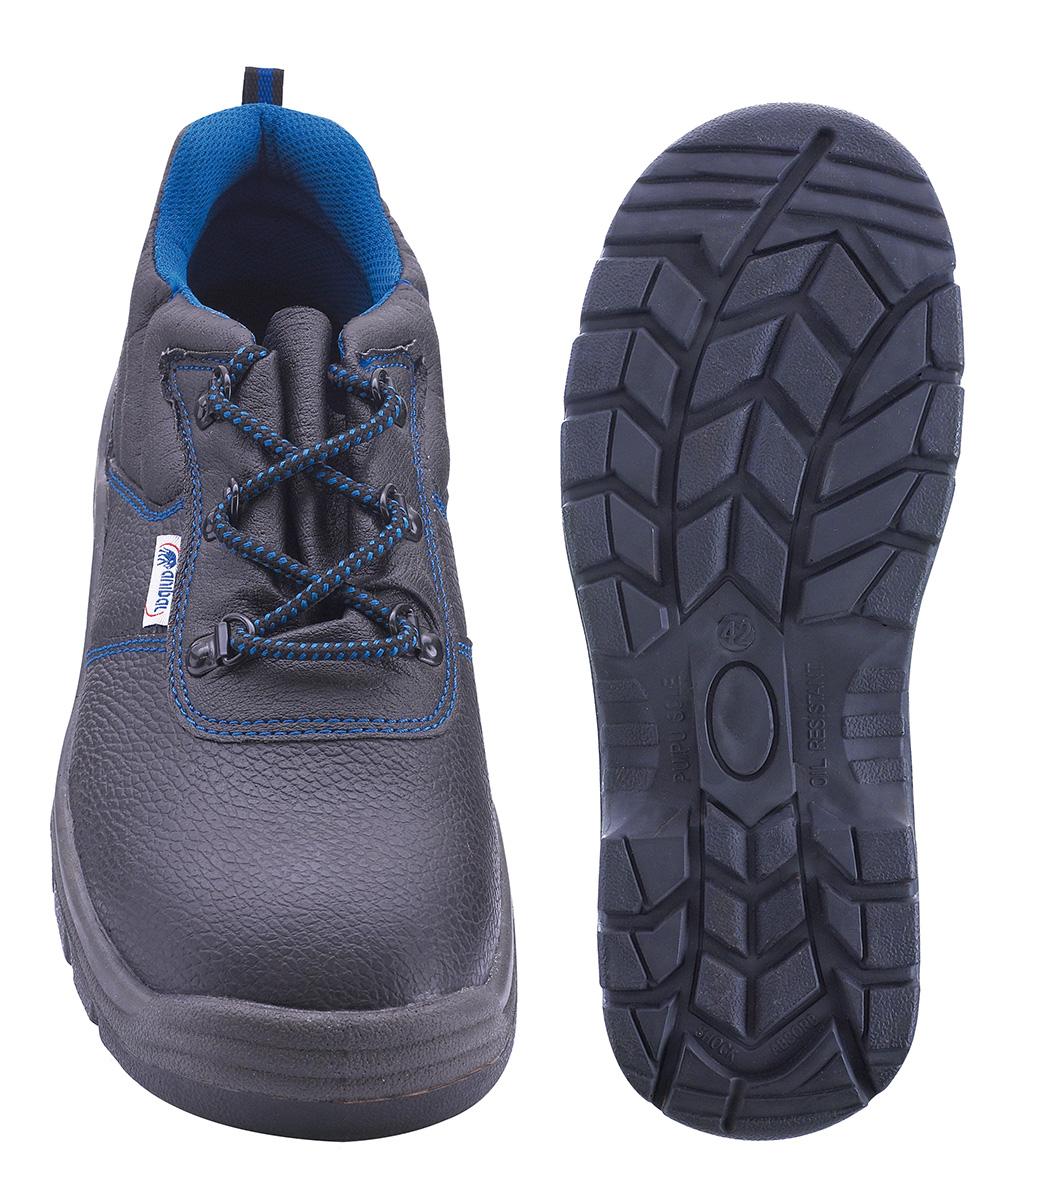 Metal De Marca Protección Calzado Basic Seguridad Productos nHIvZaq